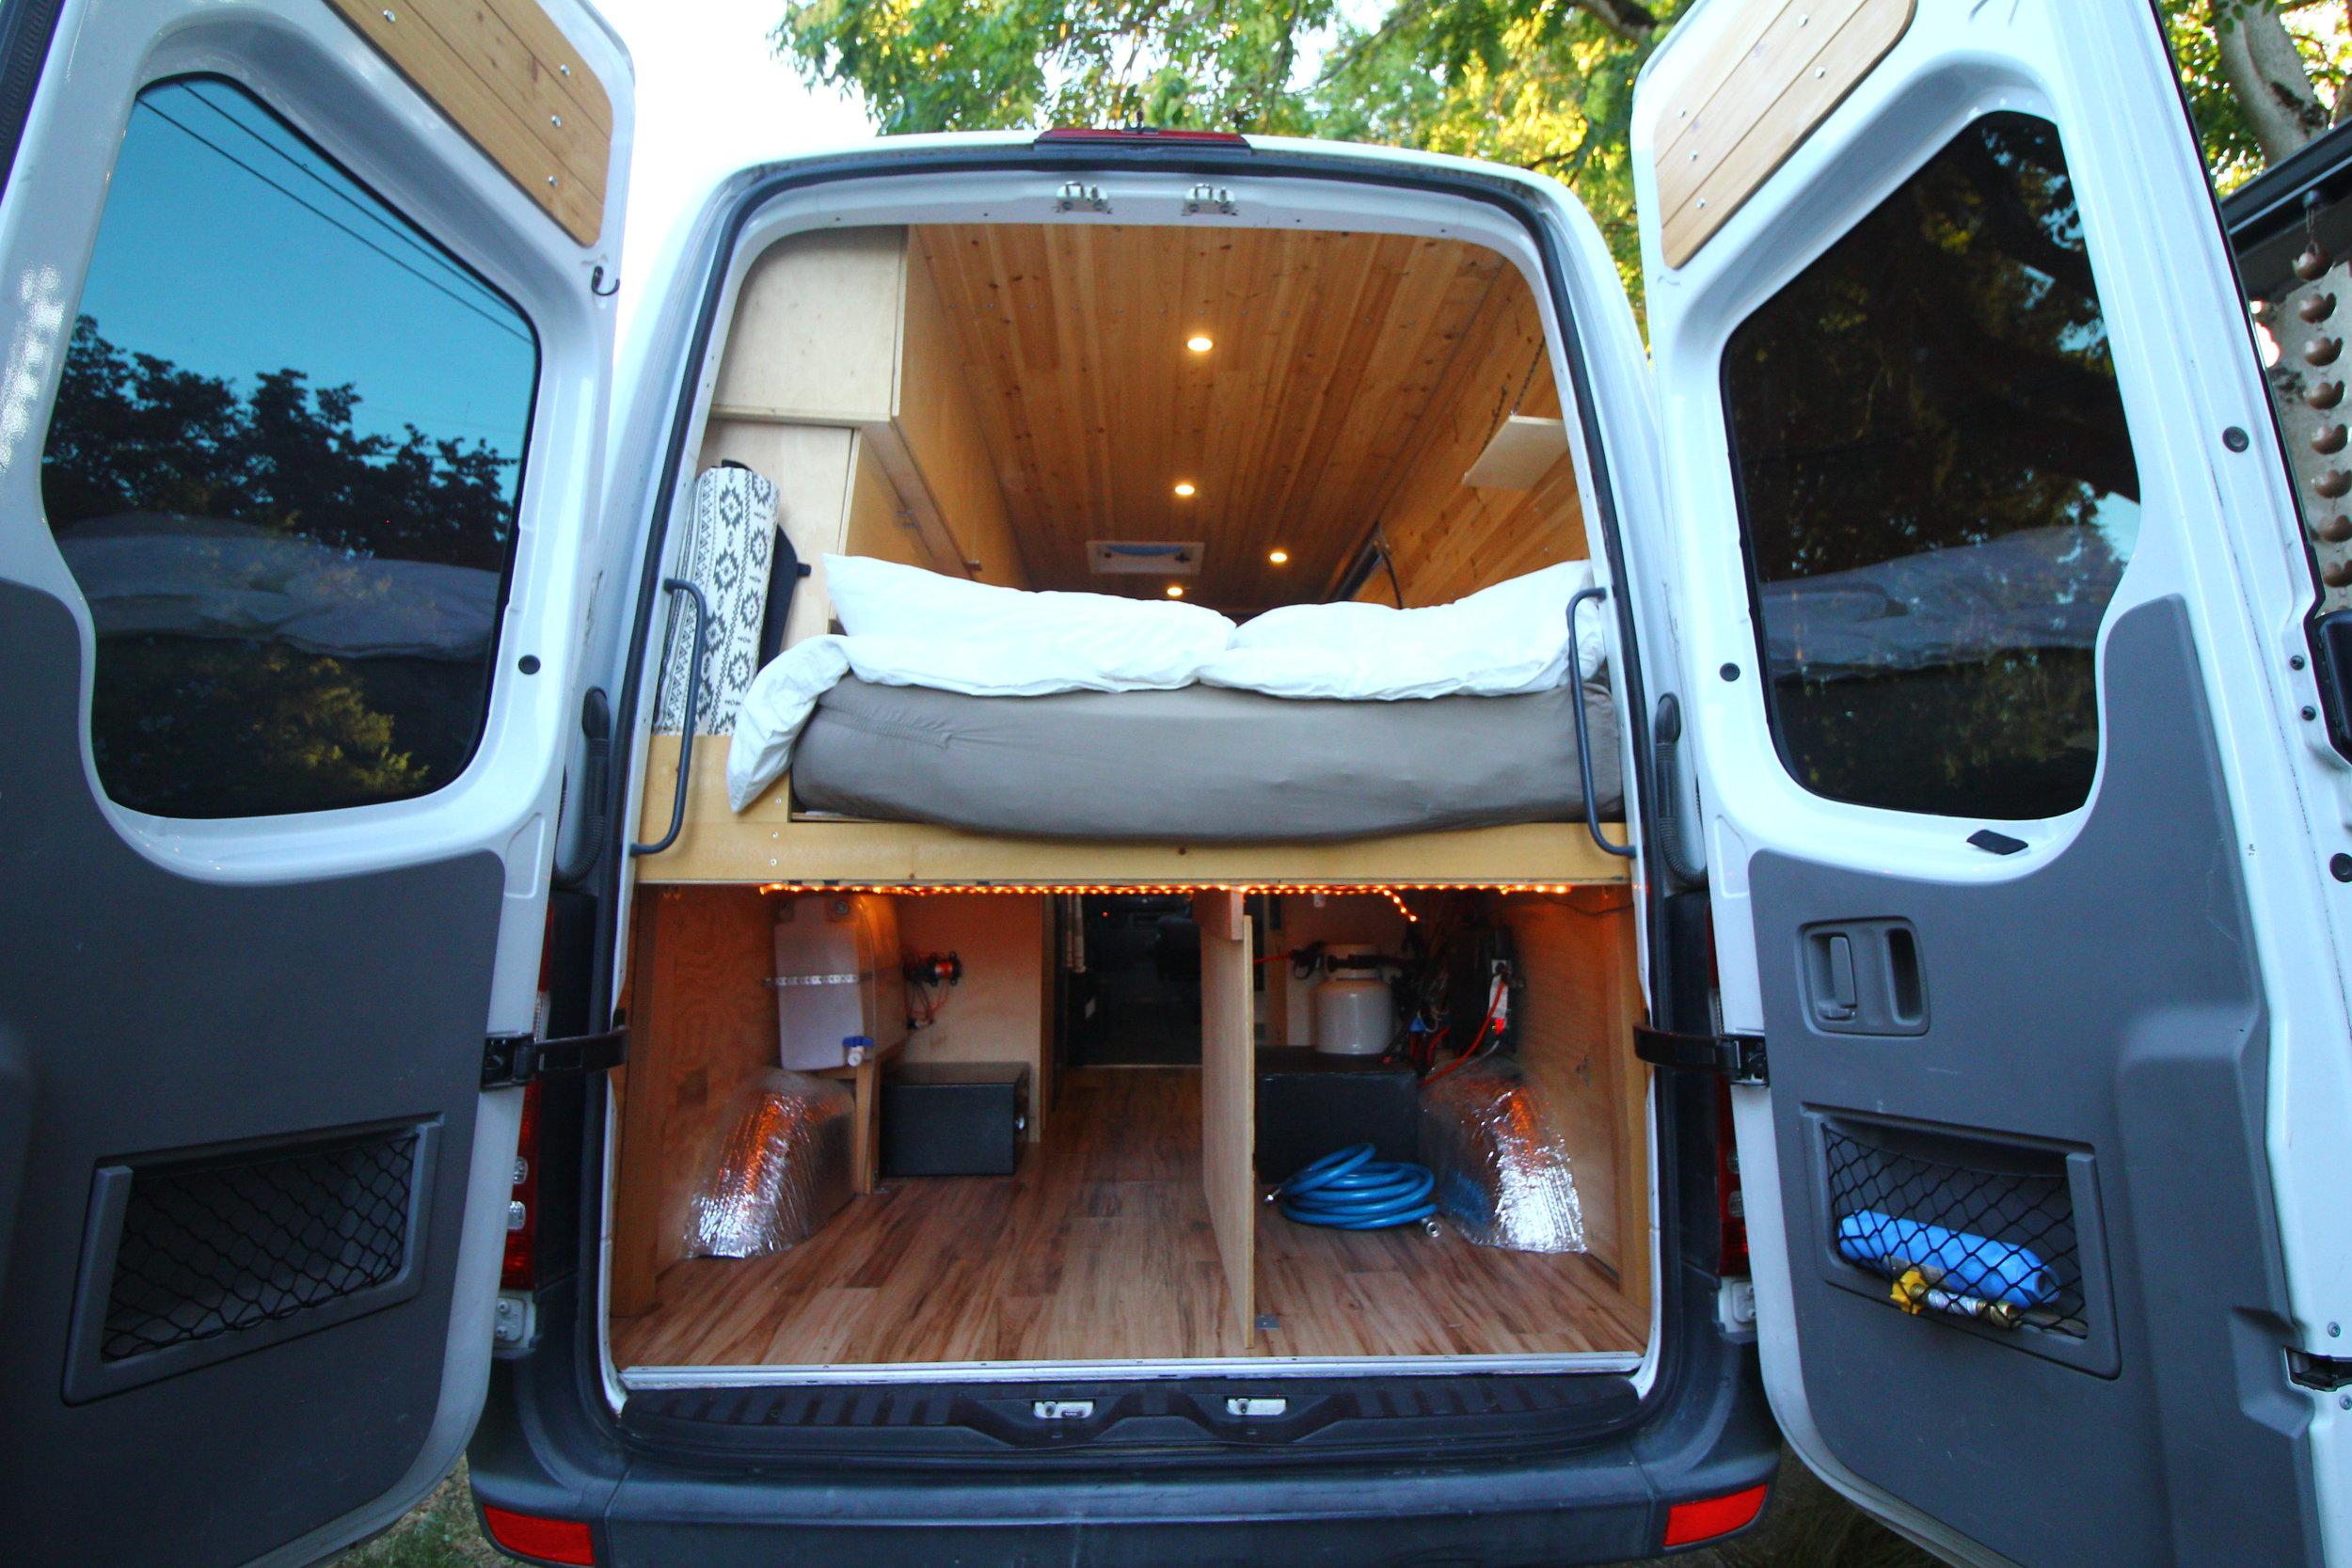 Beluga is a Blast! — GoCamp – Camper Van Rentals in Idaho